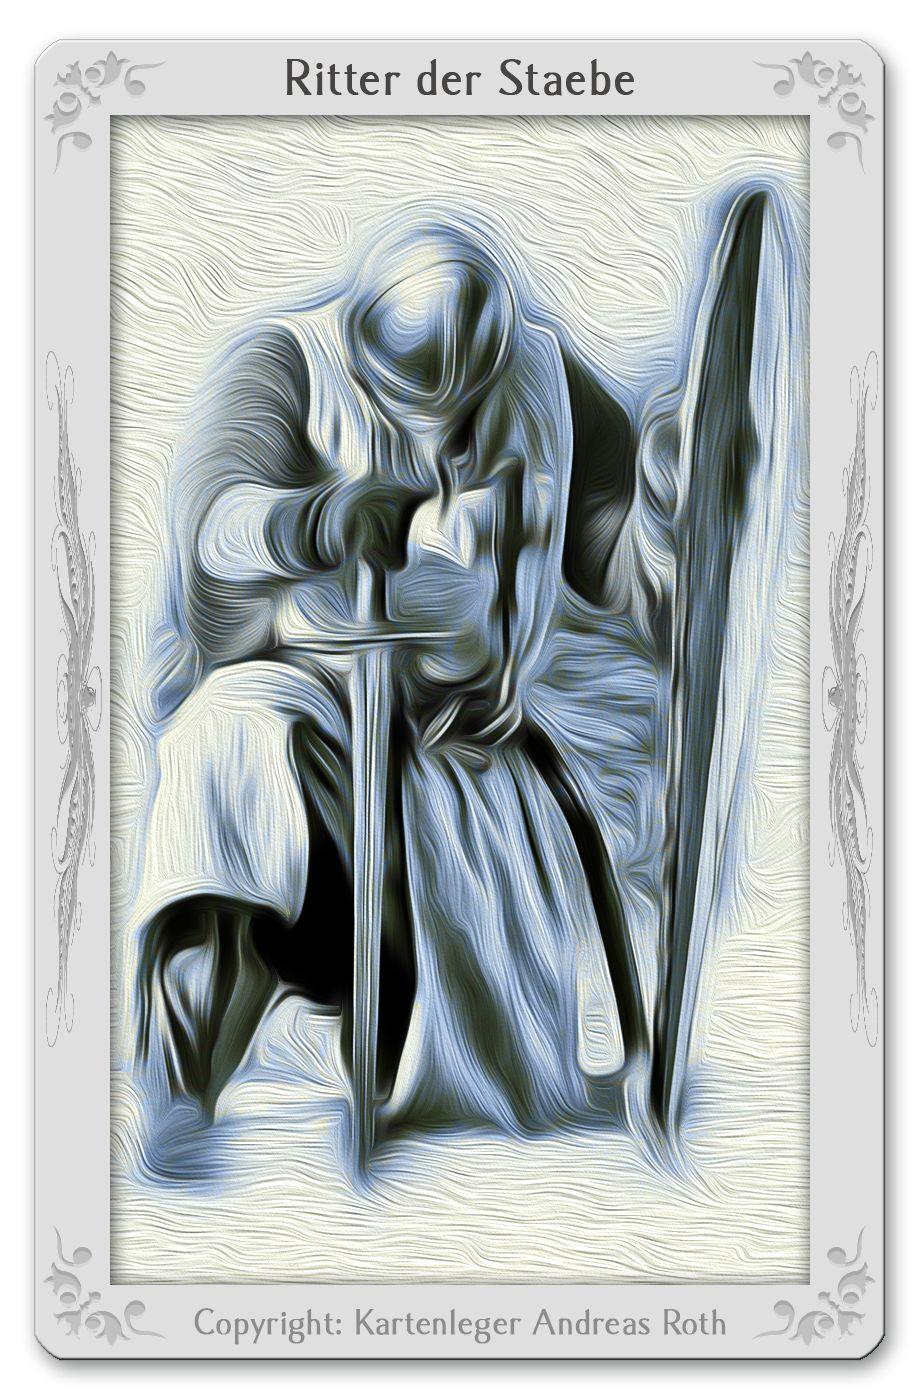 Tarotkarte Ritter der Stäbe: Bedeutung, Kombinationen, Deutung